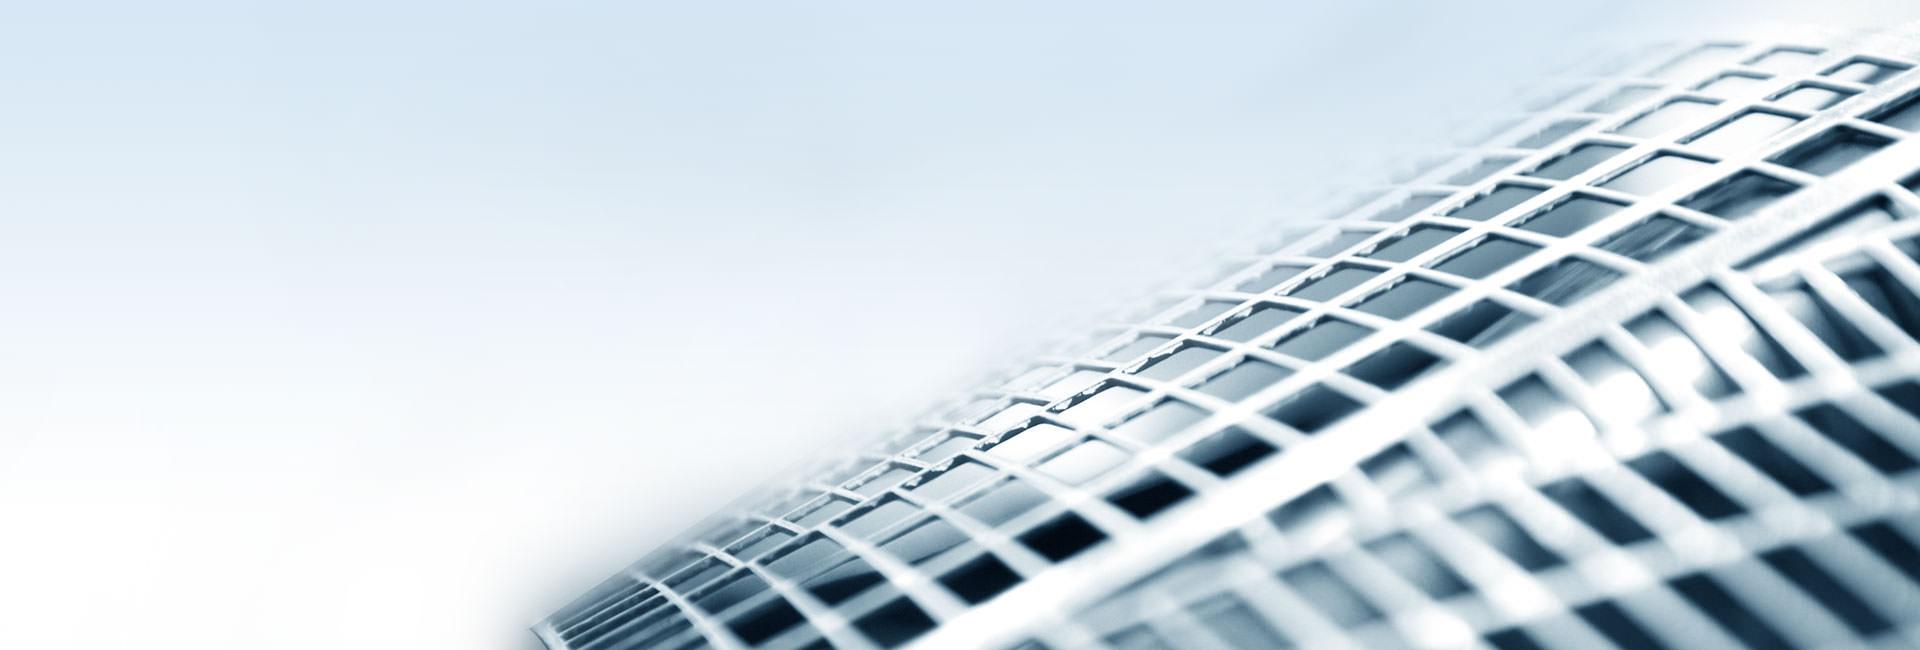 Scopri la tecnologia della griglia brevettata PowerFrame nella griglia positiva stampata ad alta precisione